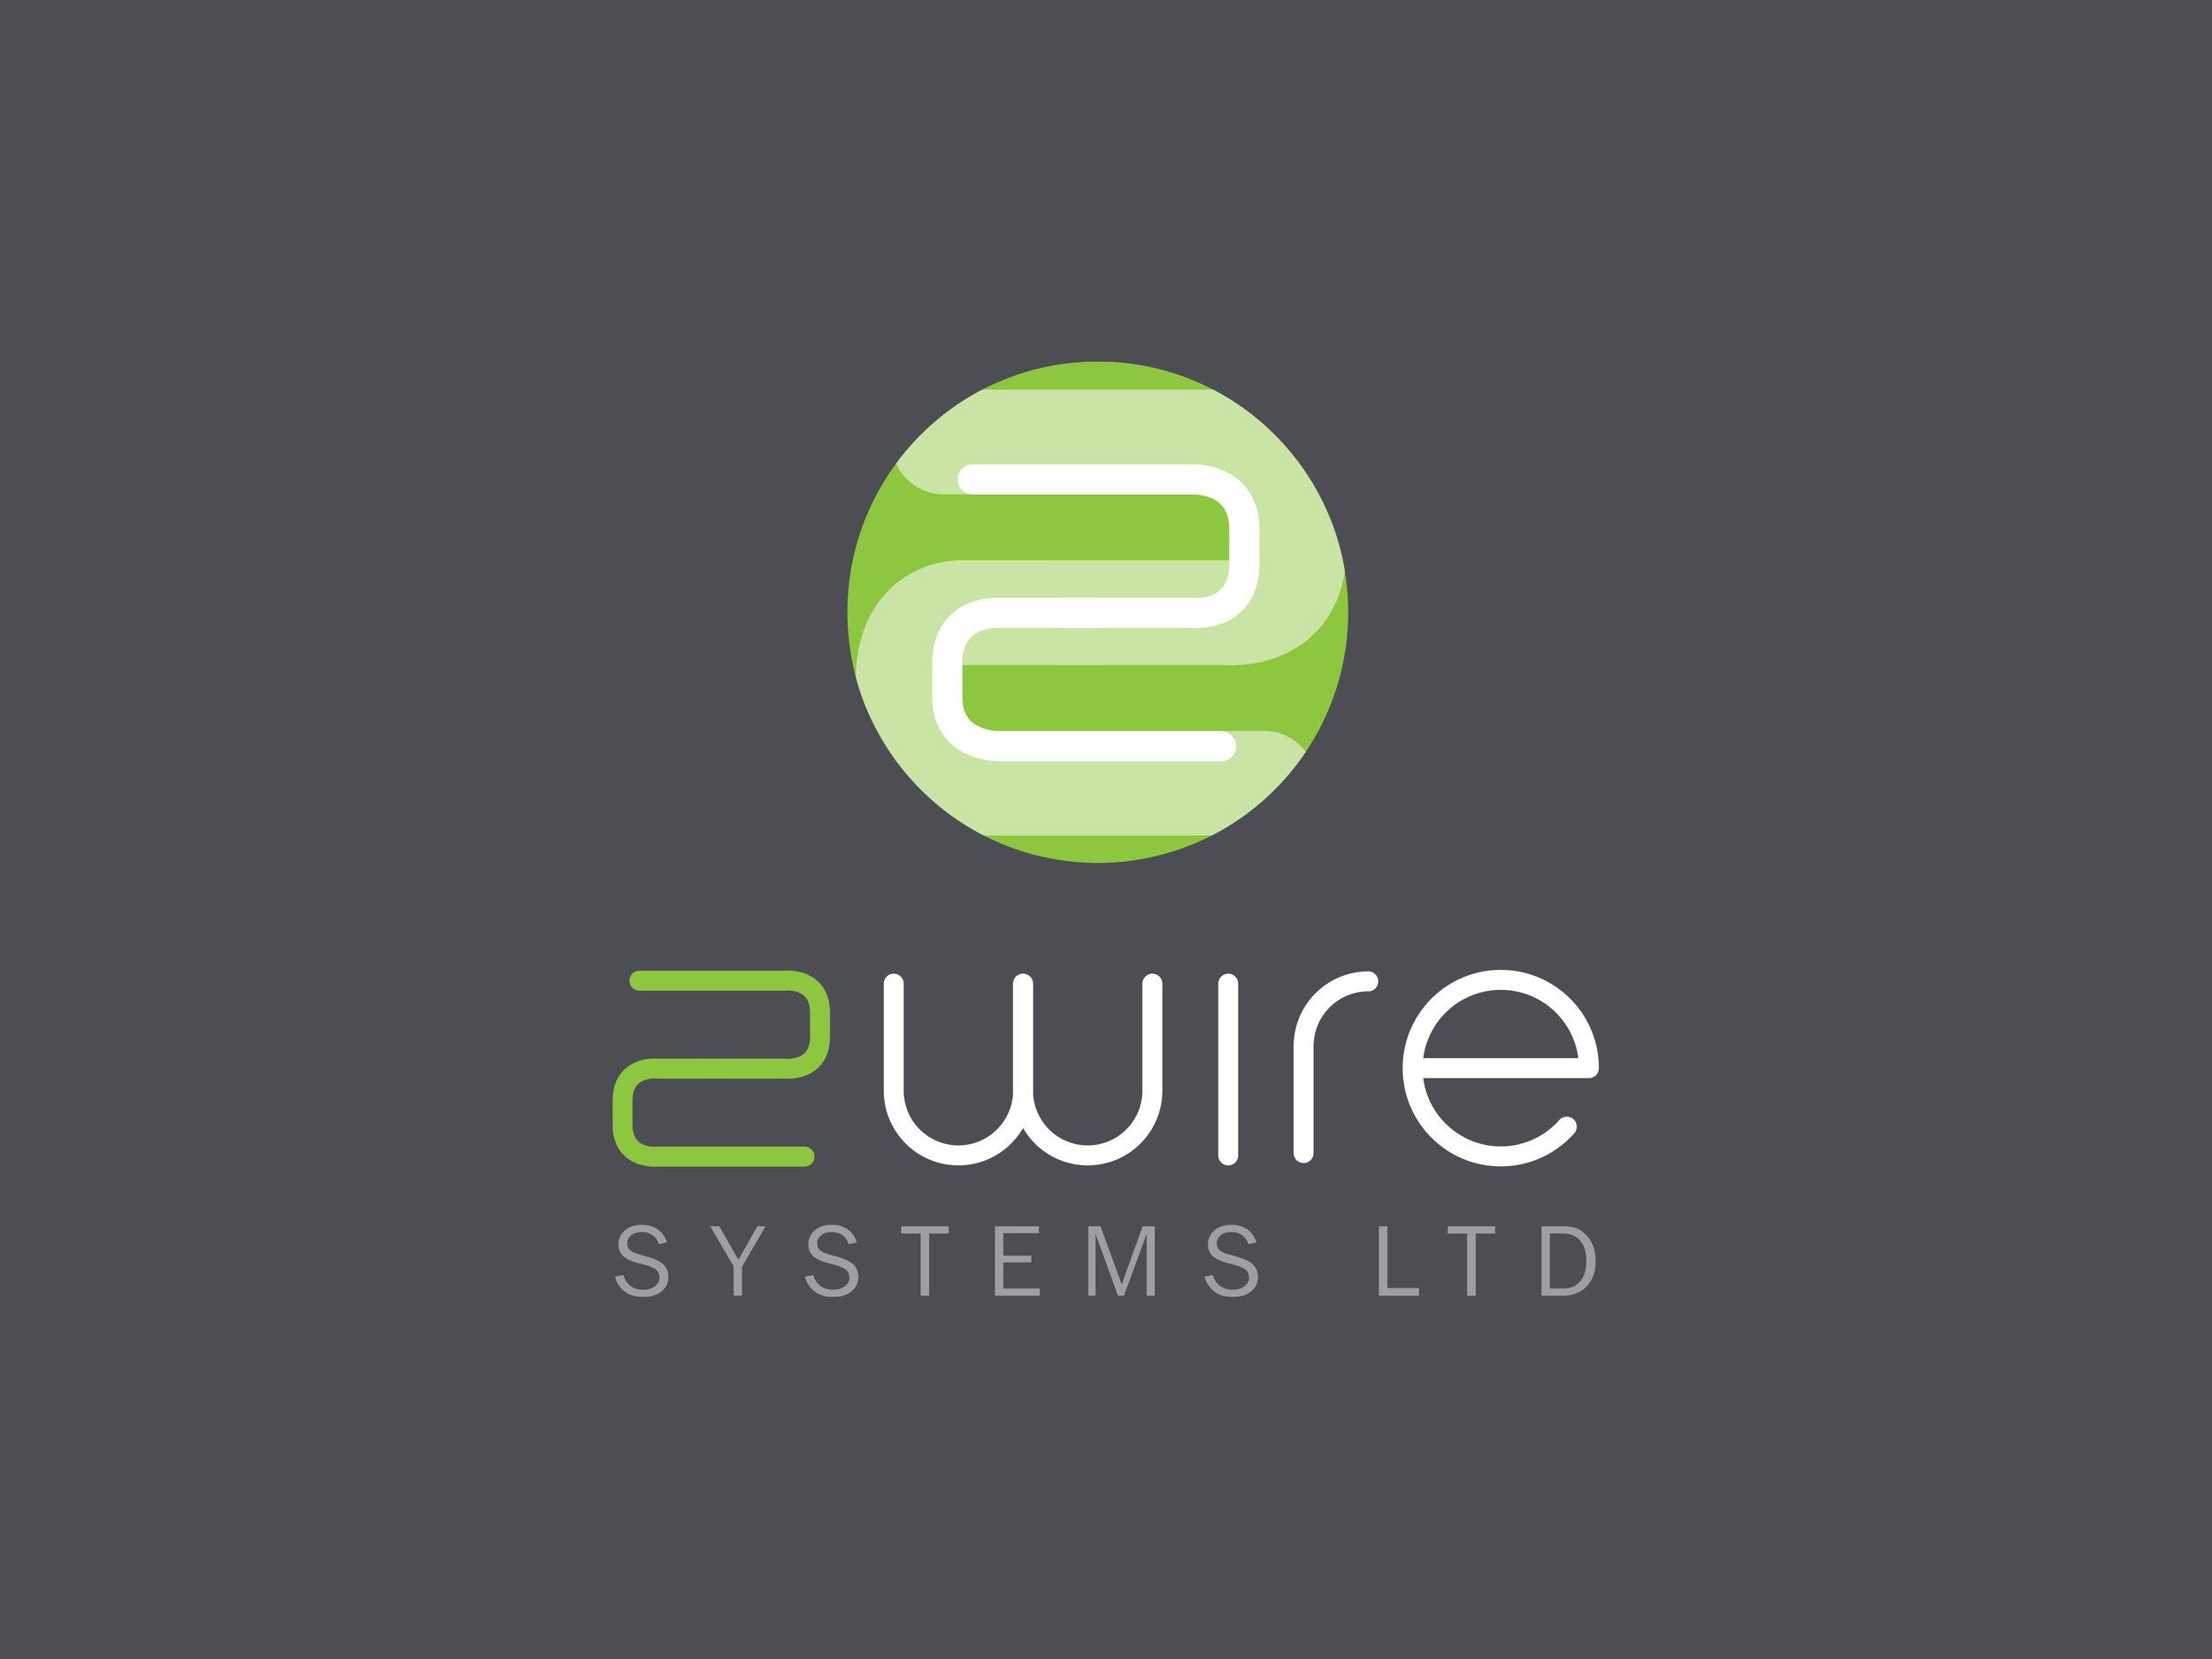 2 Wire_logo.JPG